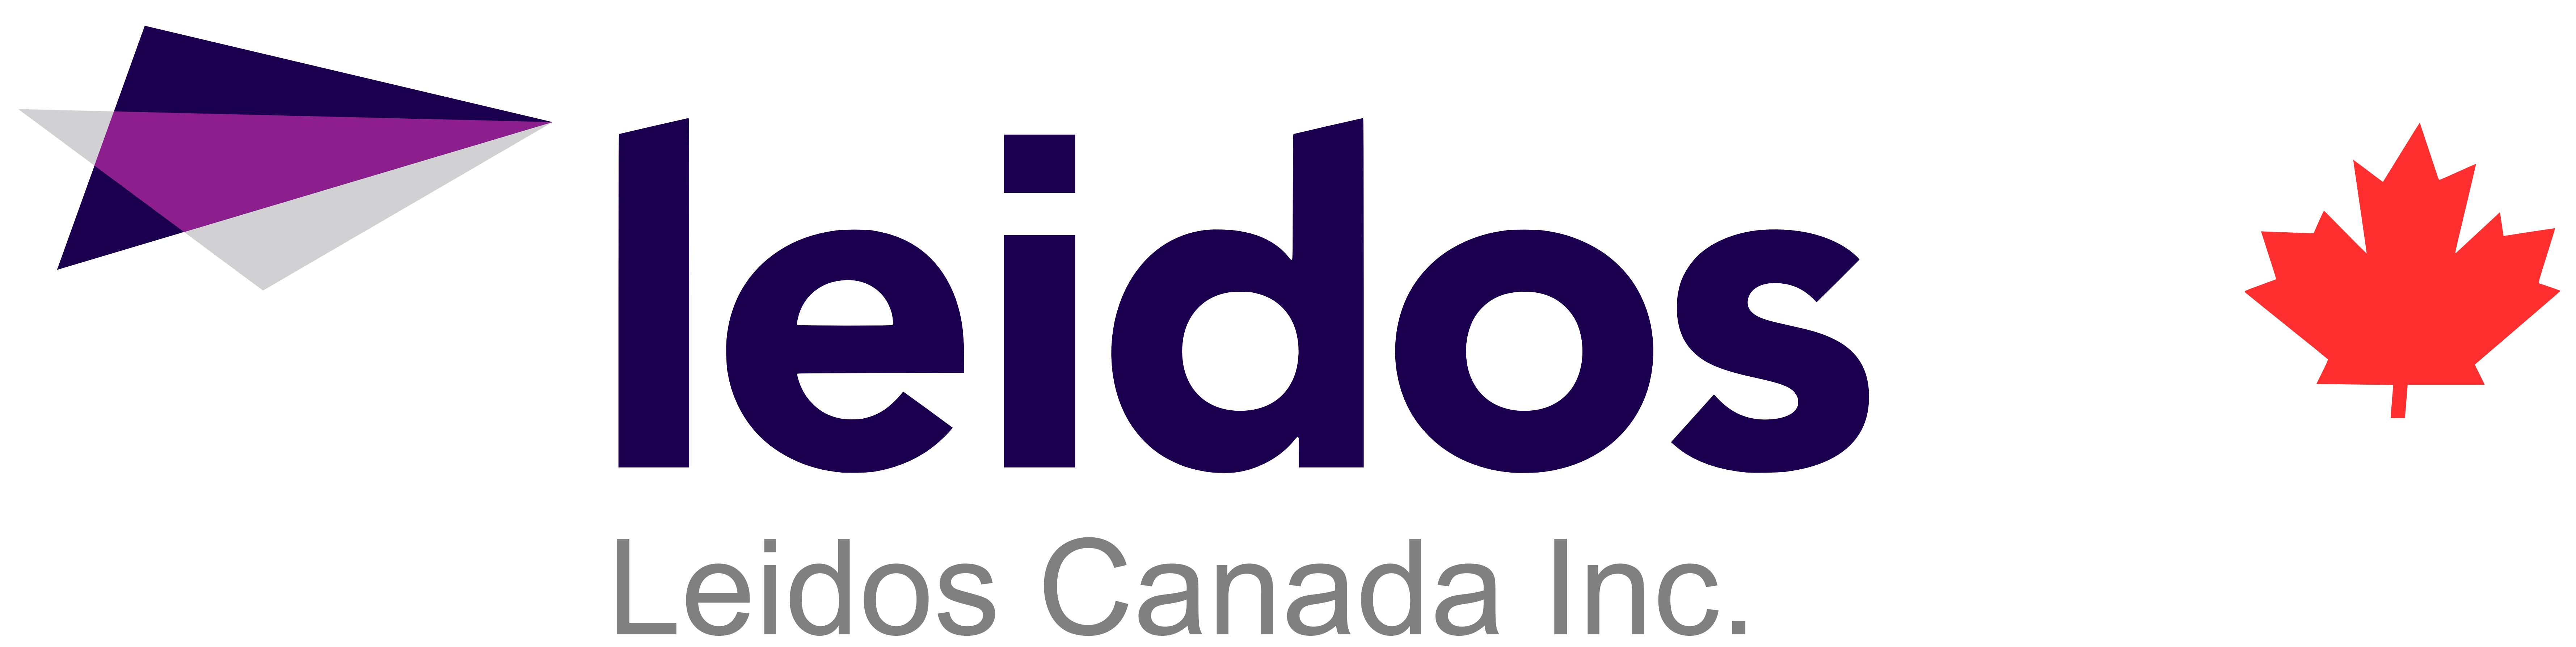 Leidos_Canada_Logo_WithName_SIGN